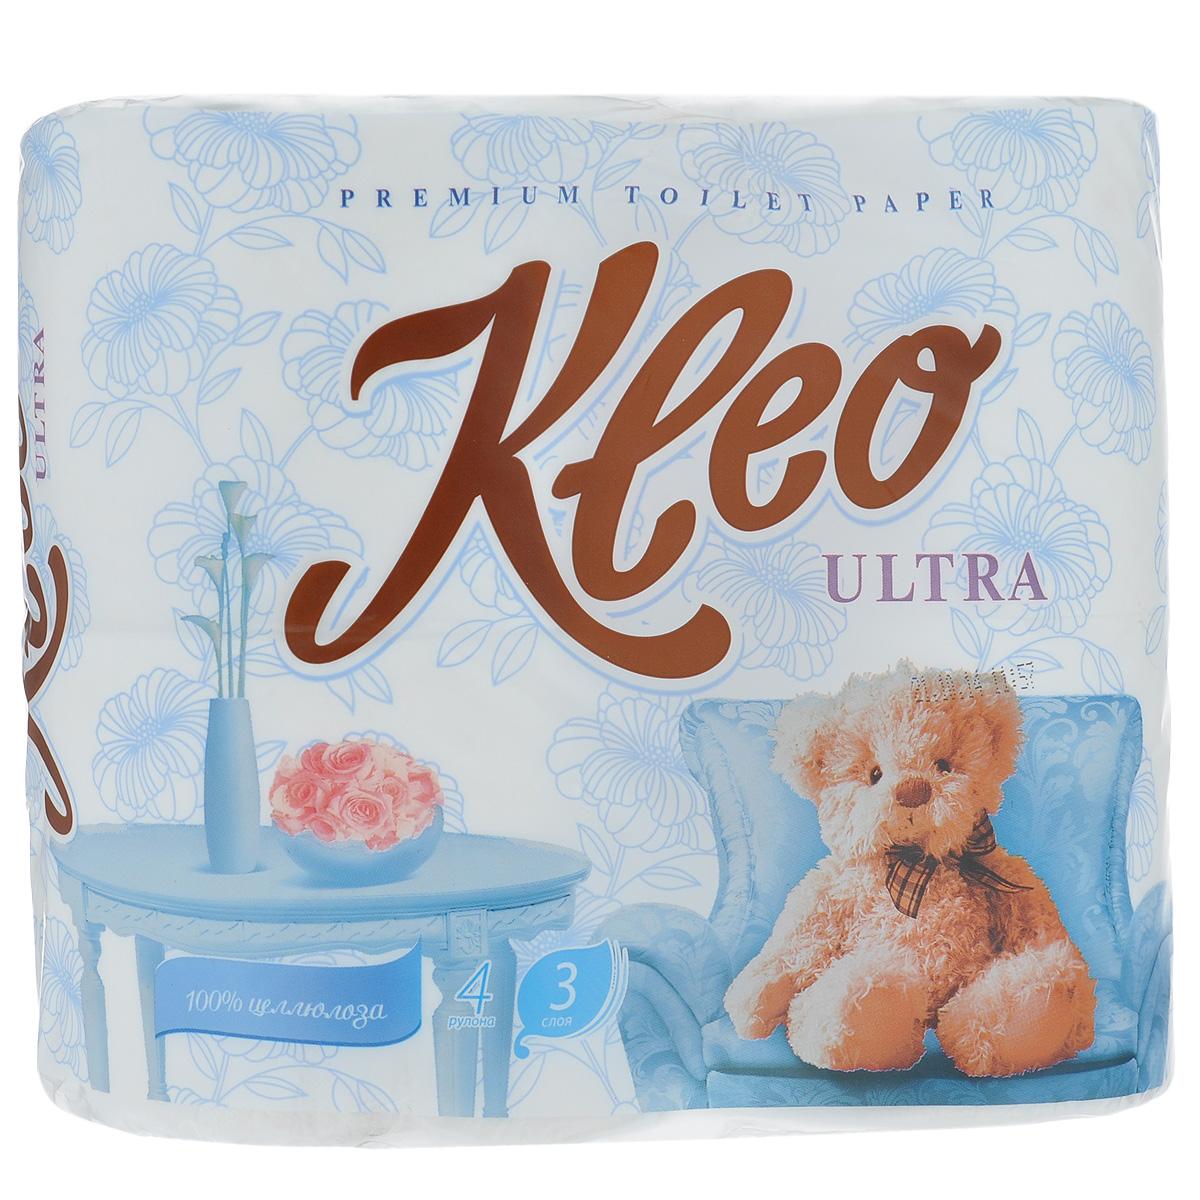 Туалетная бумага Kleo Ultra, трехслойная, цвет: белый, 4 рулонаC86Туалетная бумага Kleo Ultra, выполненная из натуральной целлюлозы, обеспечивает превосходный комфорт и ощущение чистоты и свежести. Необыкновенно мягкая, но в тоже время прочная, бумага не расслаивается и отрывается строго по линии перфорации. Трехслойные листы имеют рисунок с перфорацией. Количество листов: 168 шт. Количество слоев: 3. Размер листа: 12,5 см х 9,6 см. Состав: 100% целлюлоза.